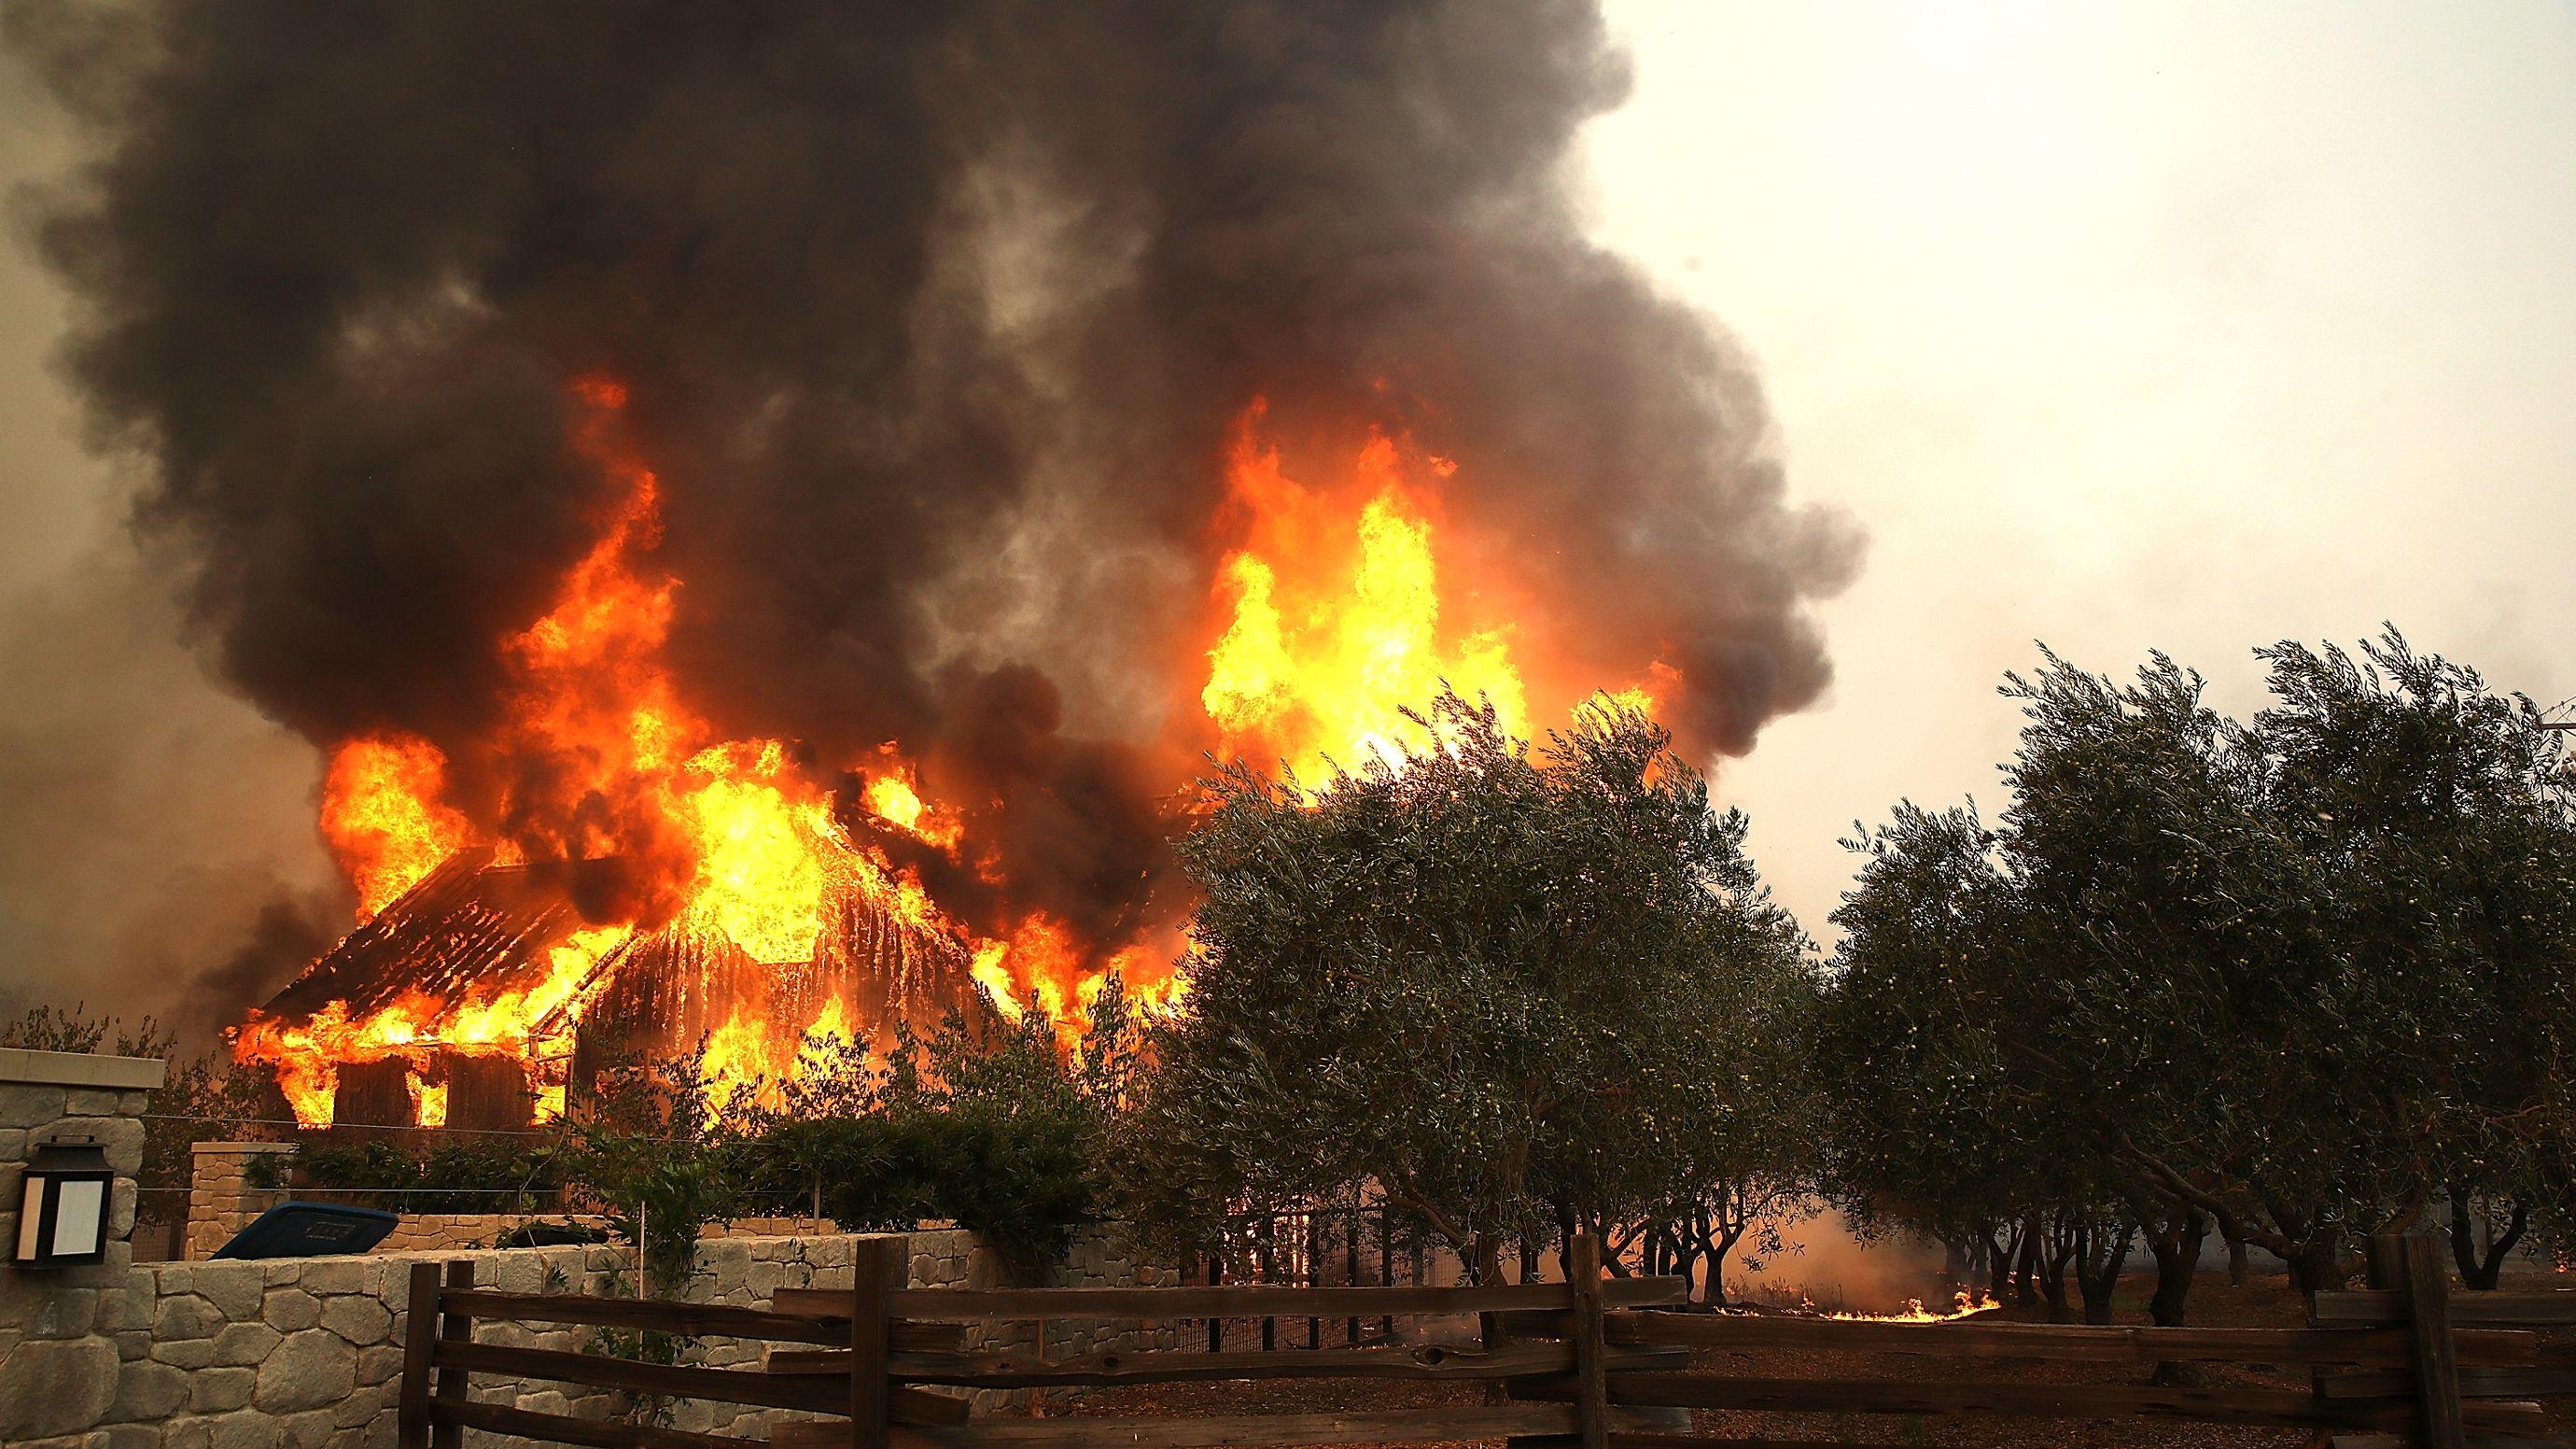 カリフォルニア州で過去最悪の山火事、気候変動も影響か